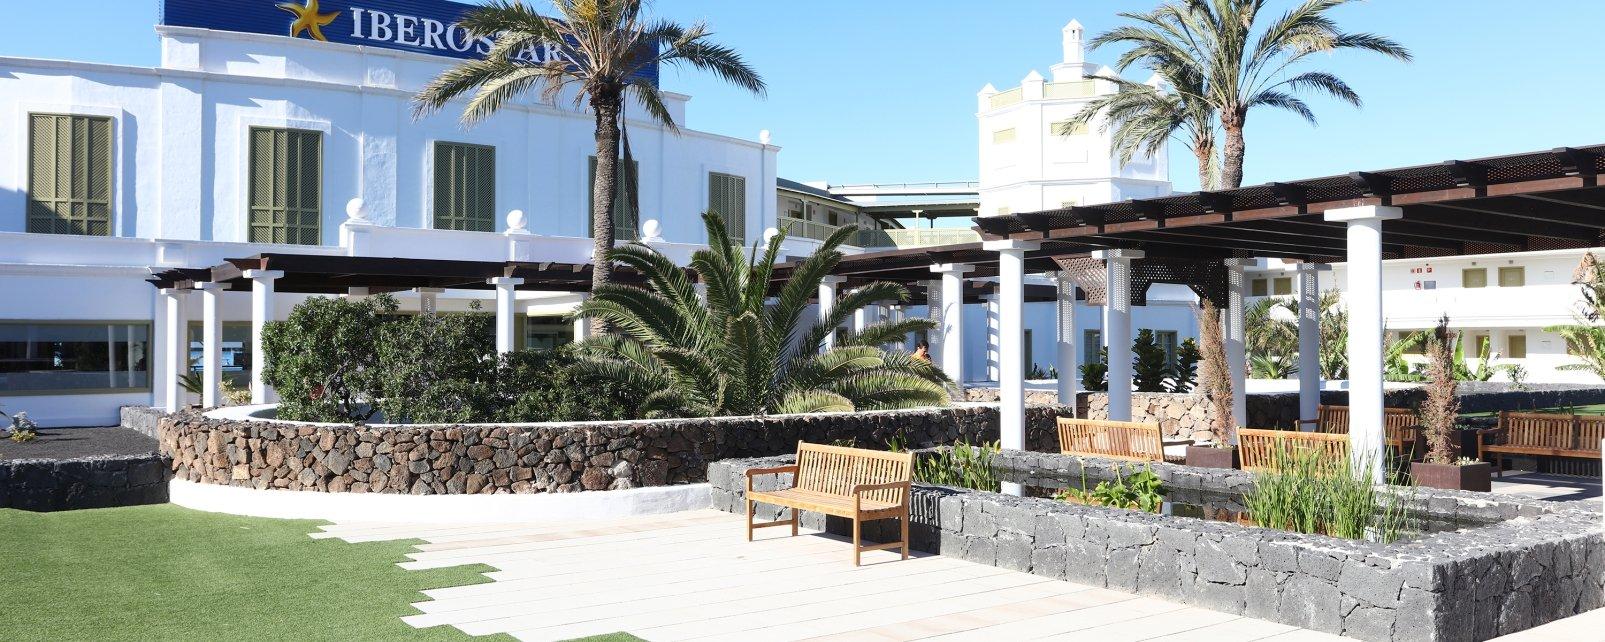 Hôtel Iberostar Lanzarote Park